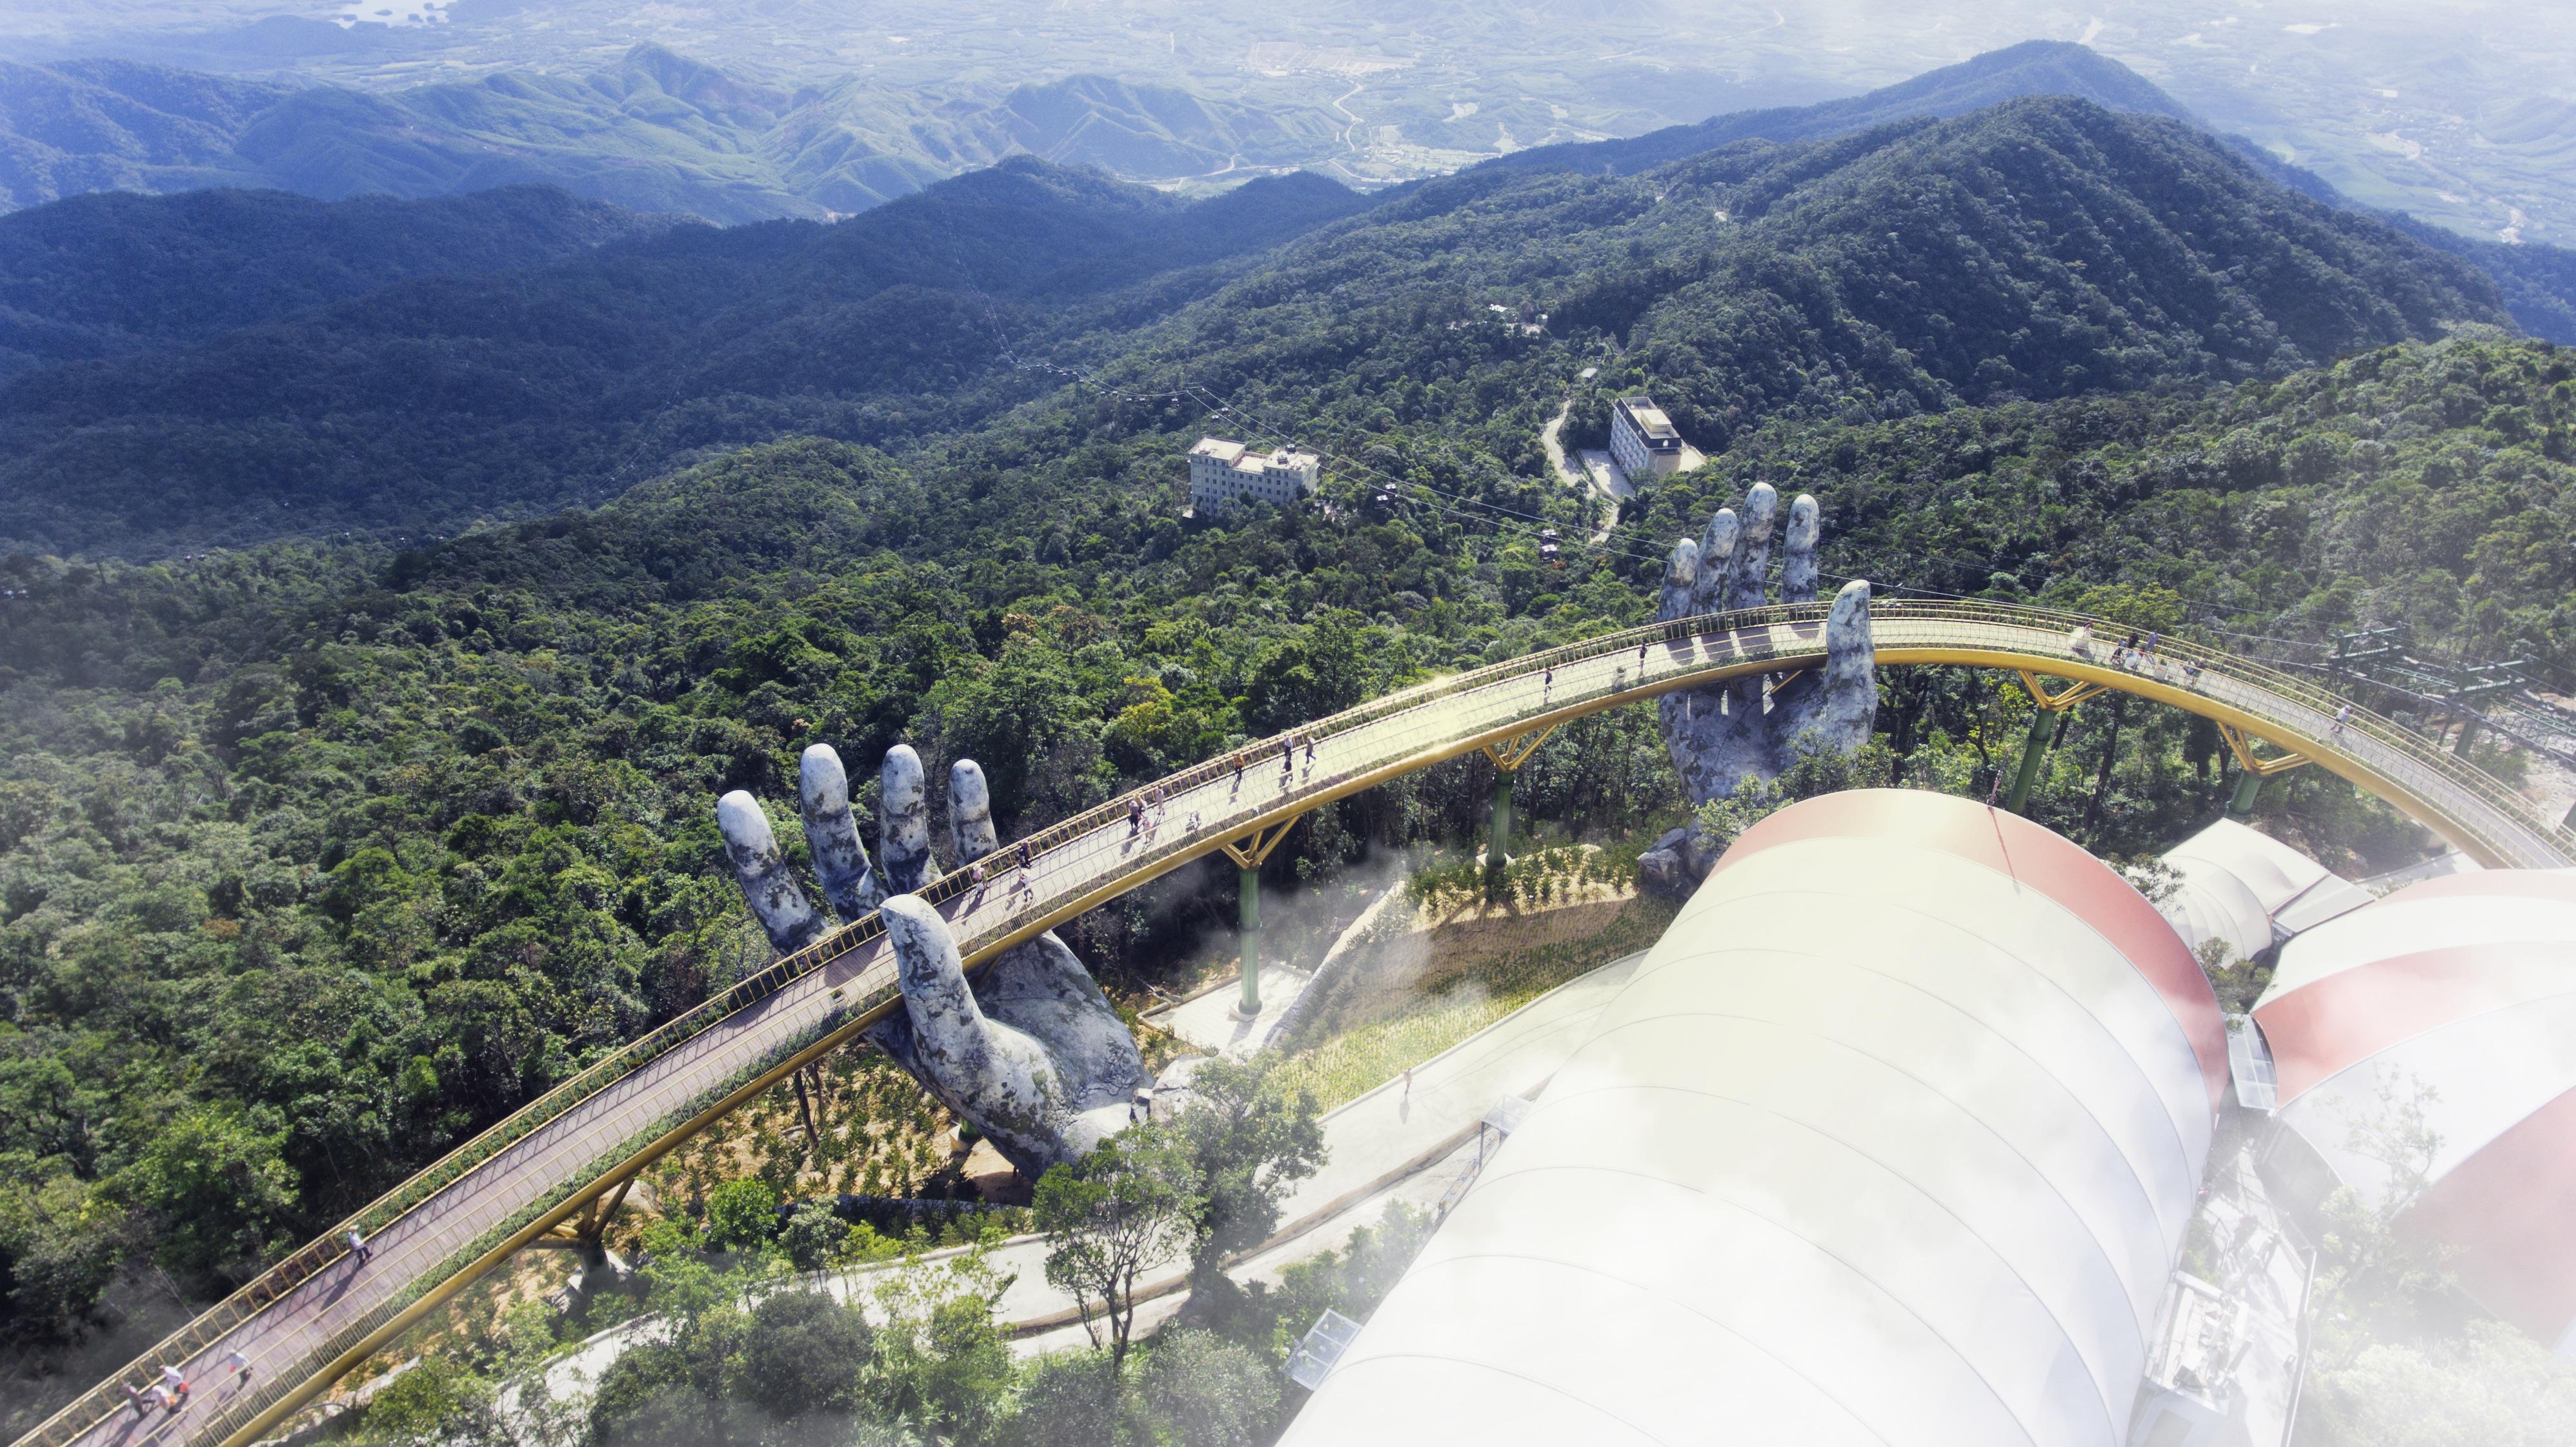 51aef0cf4 Giant hands cradle new bridge in Vietnam - CNN Video